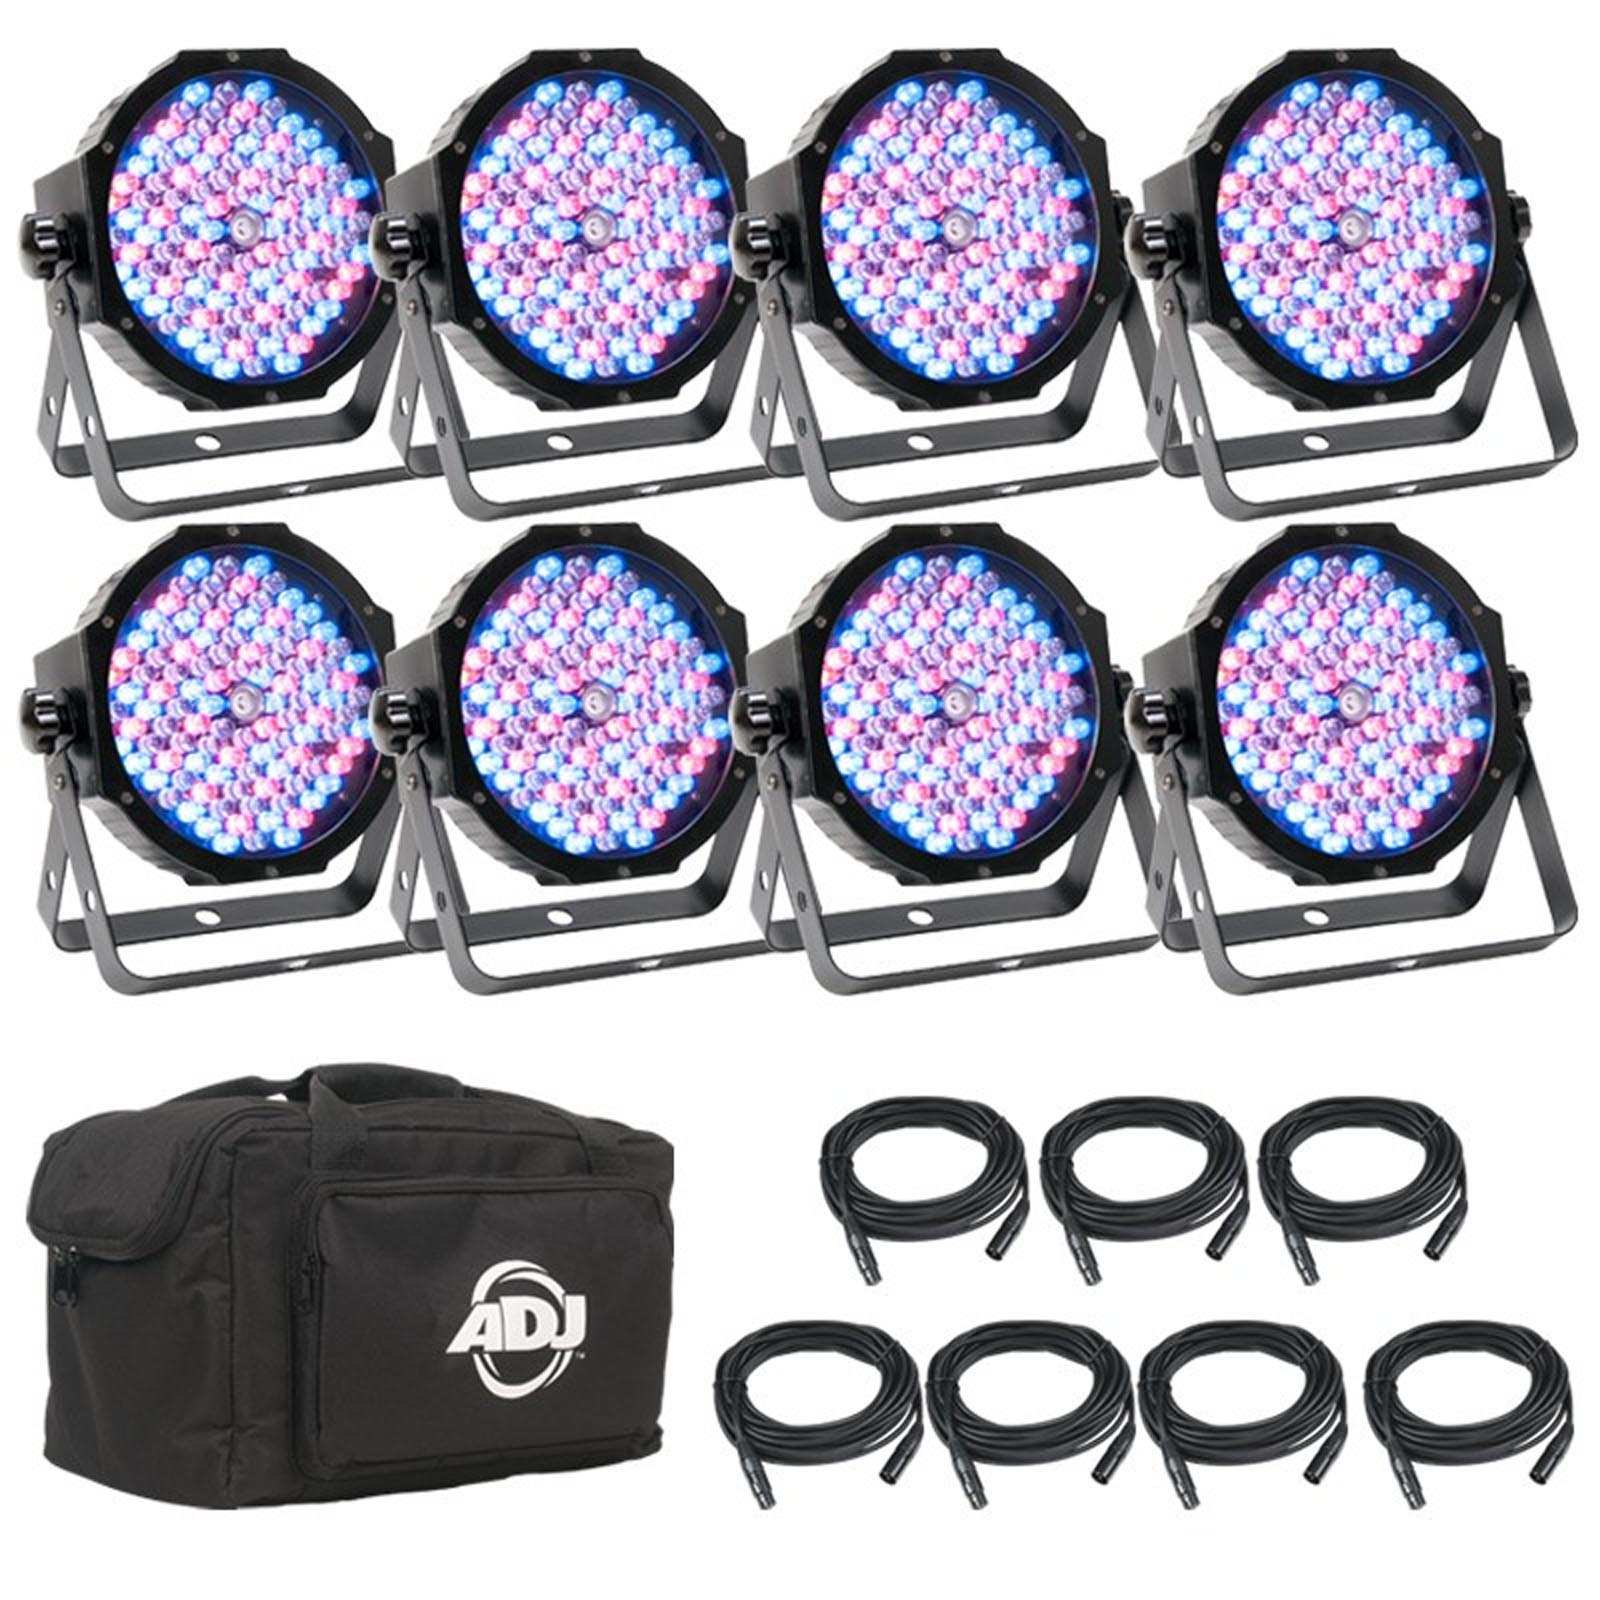 American DJ ADJ Mega Flat Pak 8 Plus LED Mega Par Profile System w/ Bag + Cables